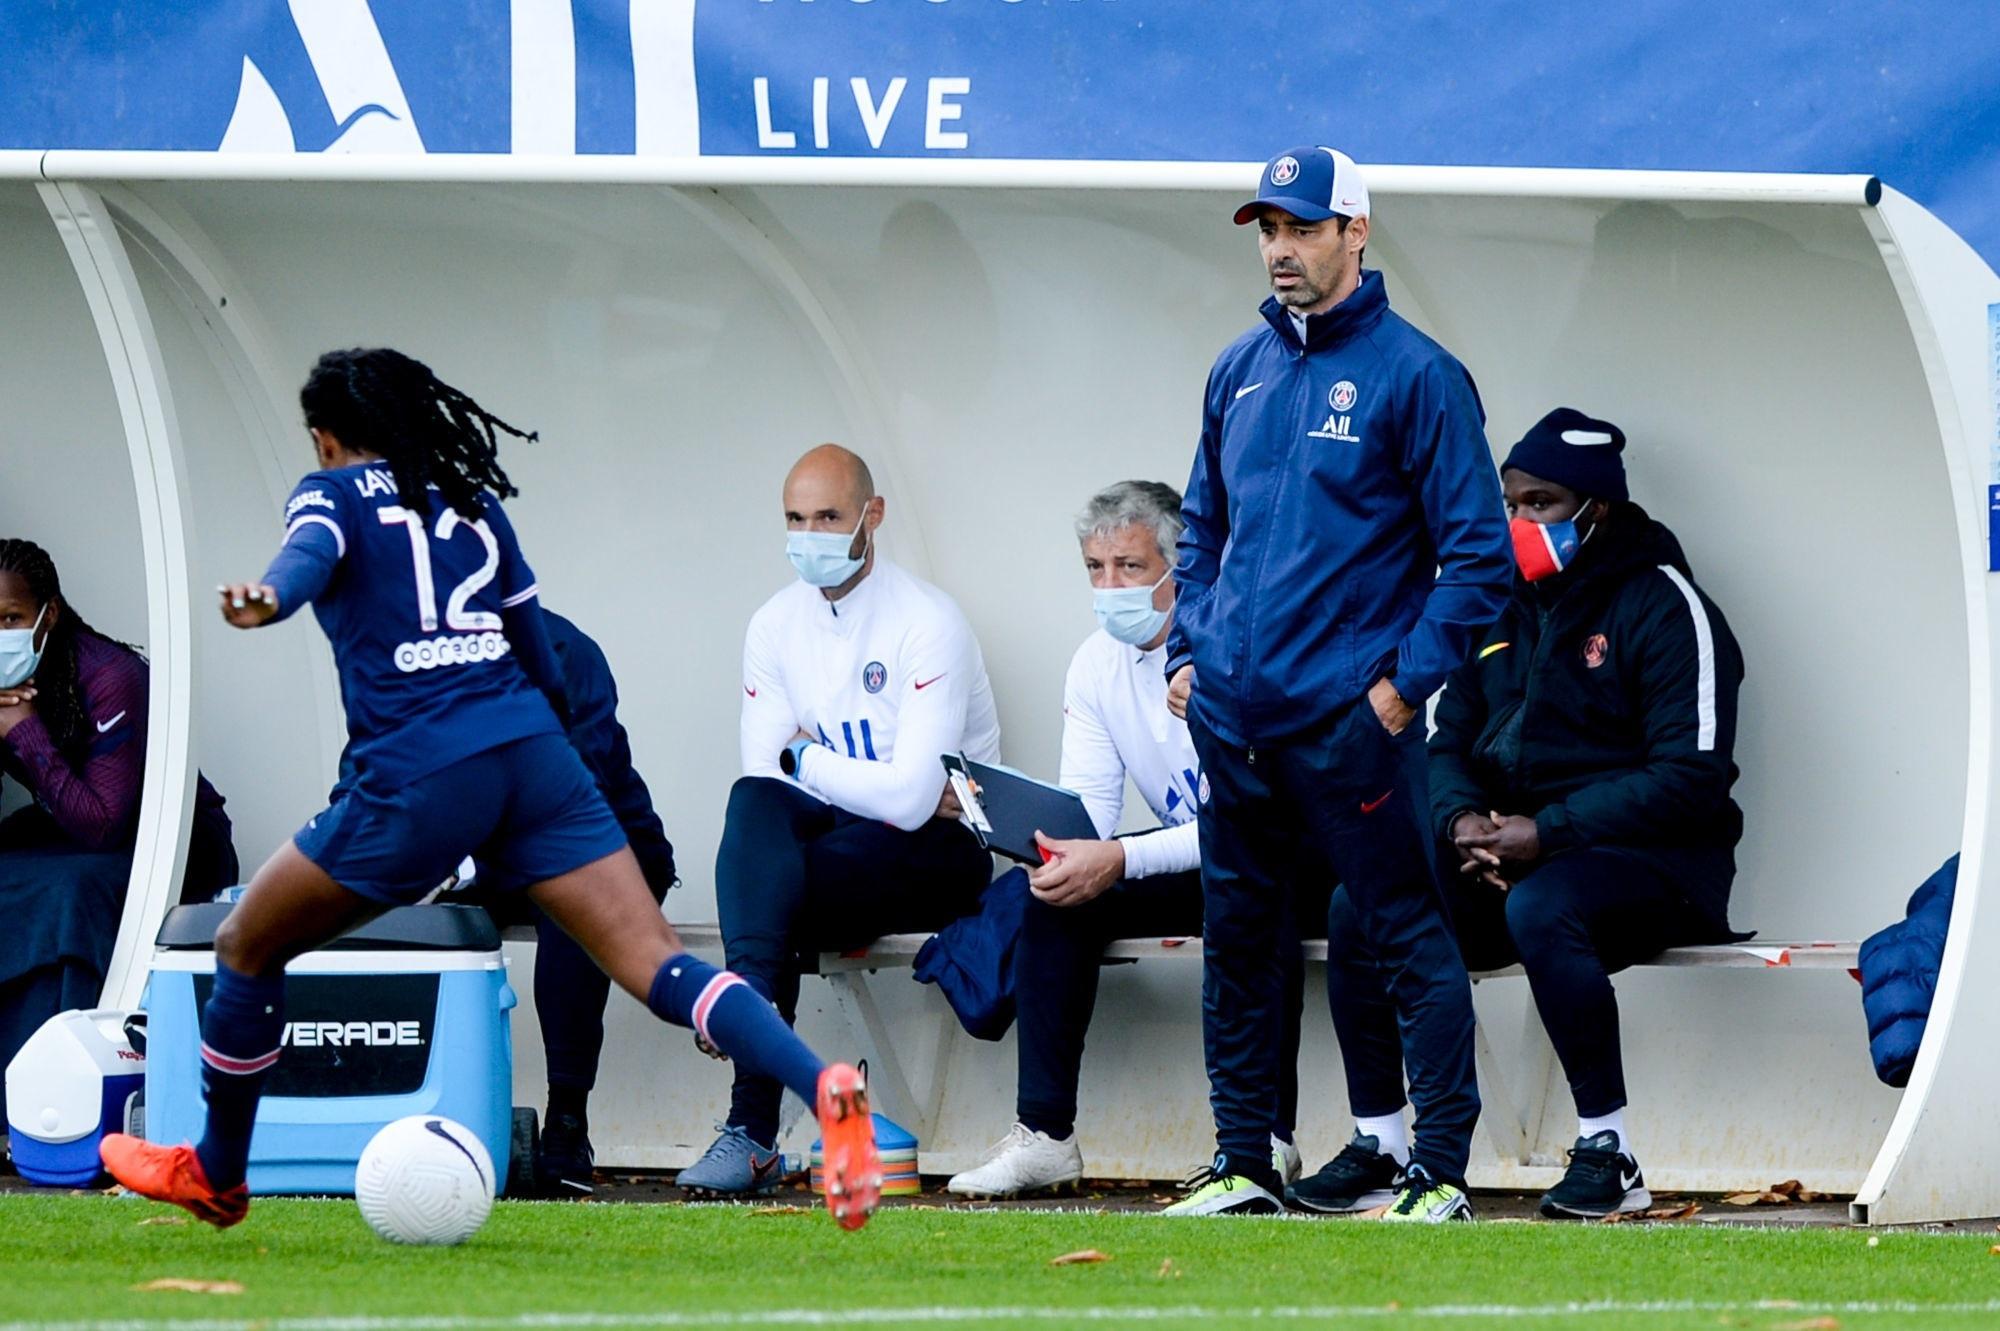 """Le Havre/PSG - Echouafni """"c'est un vrai soulagement de repartir avec cette victoire"""""""